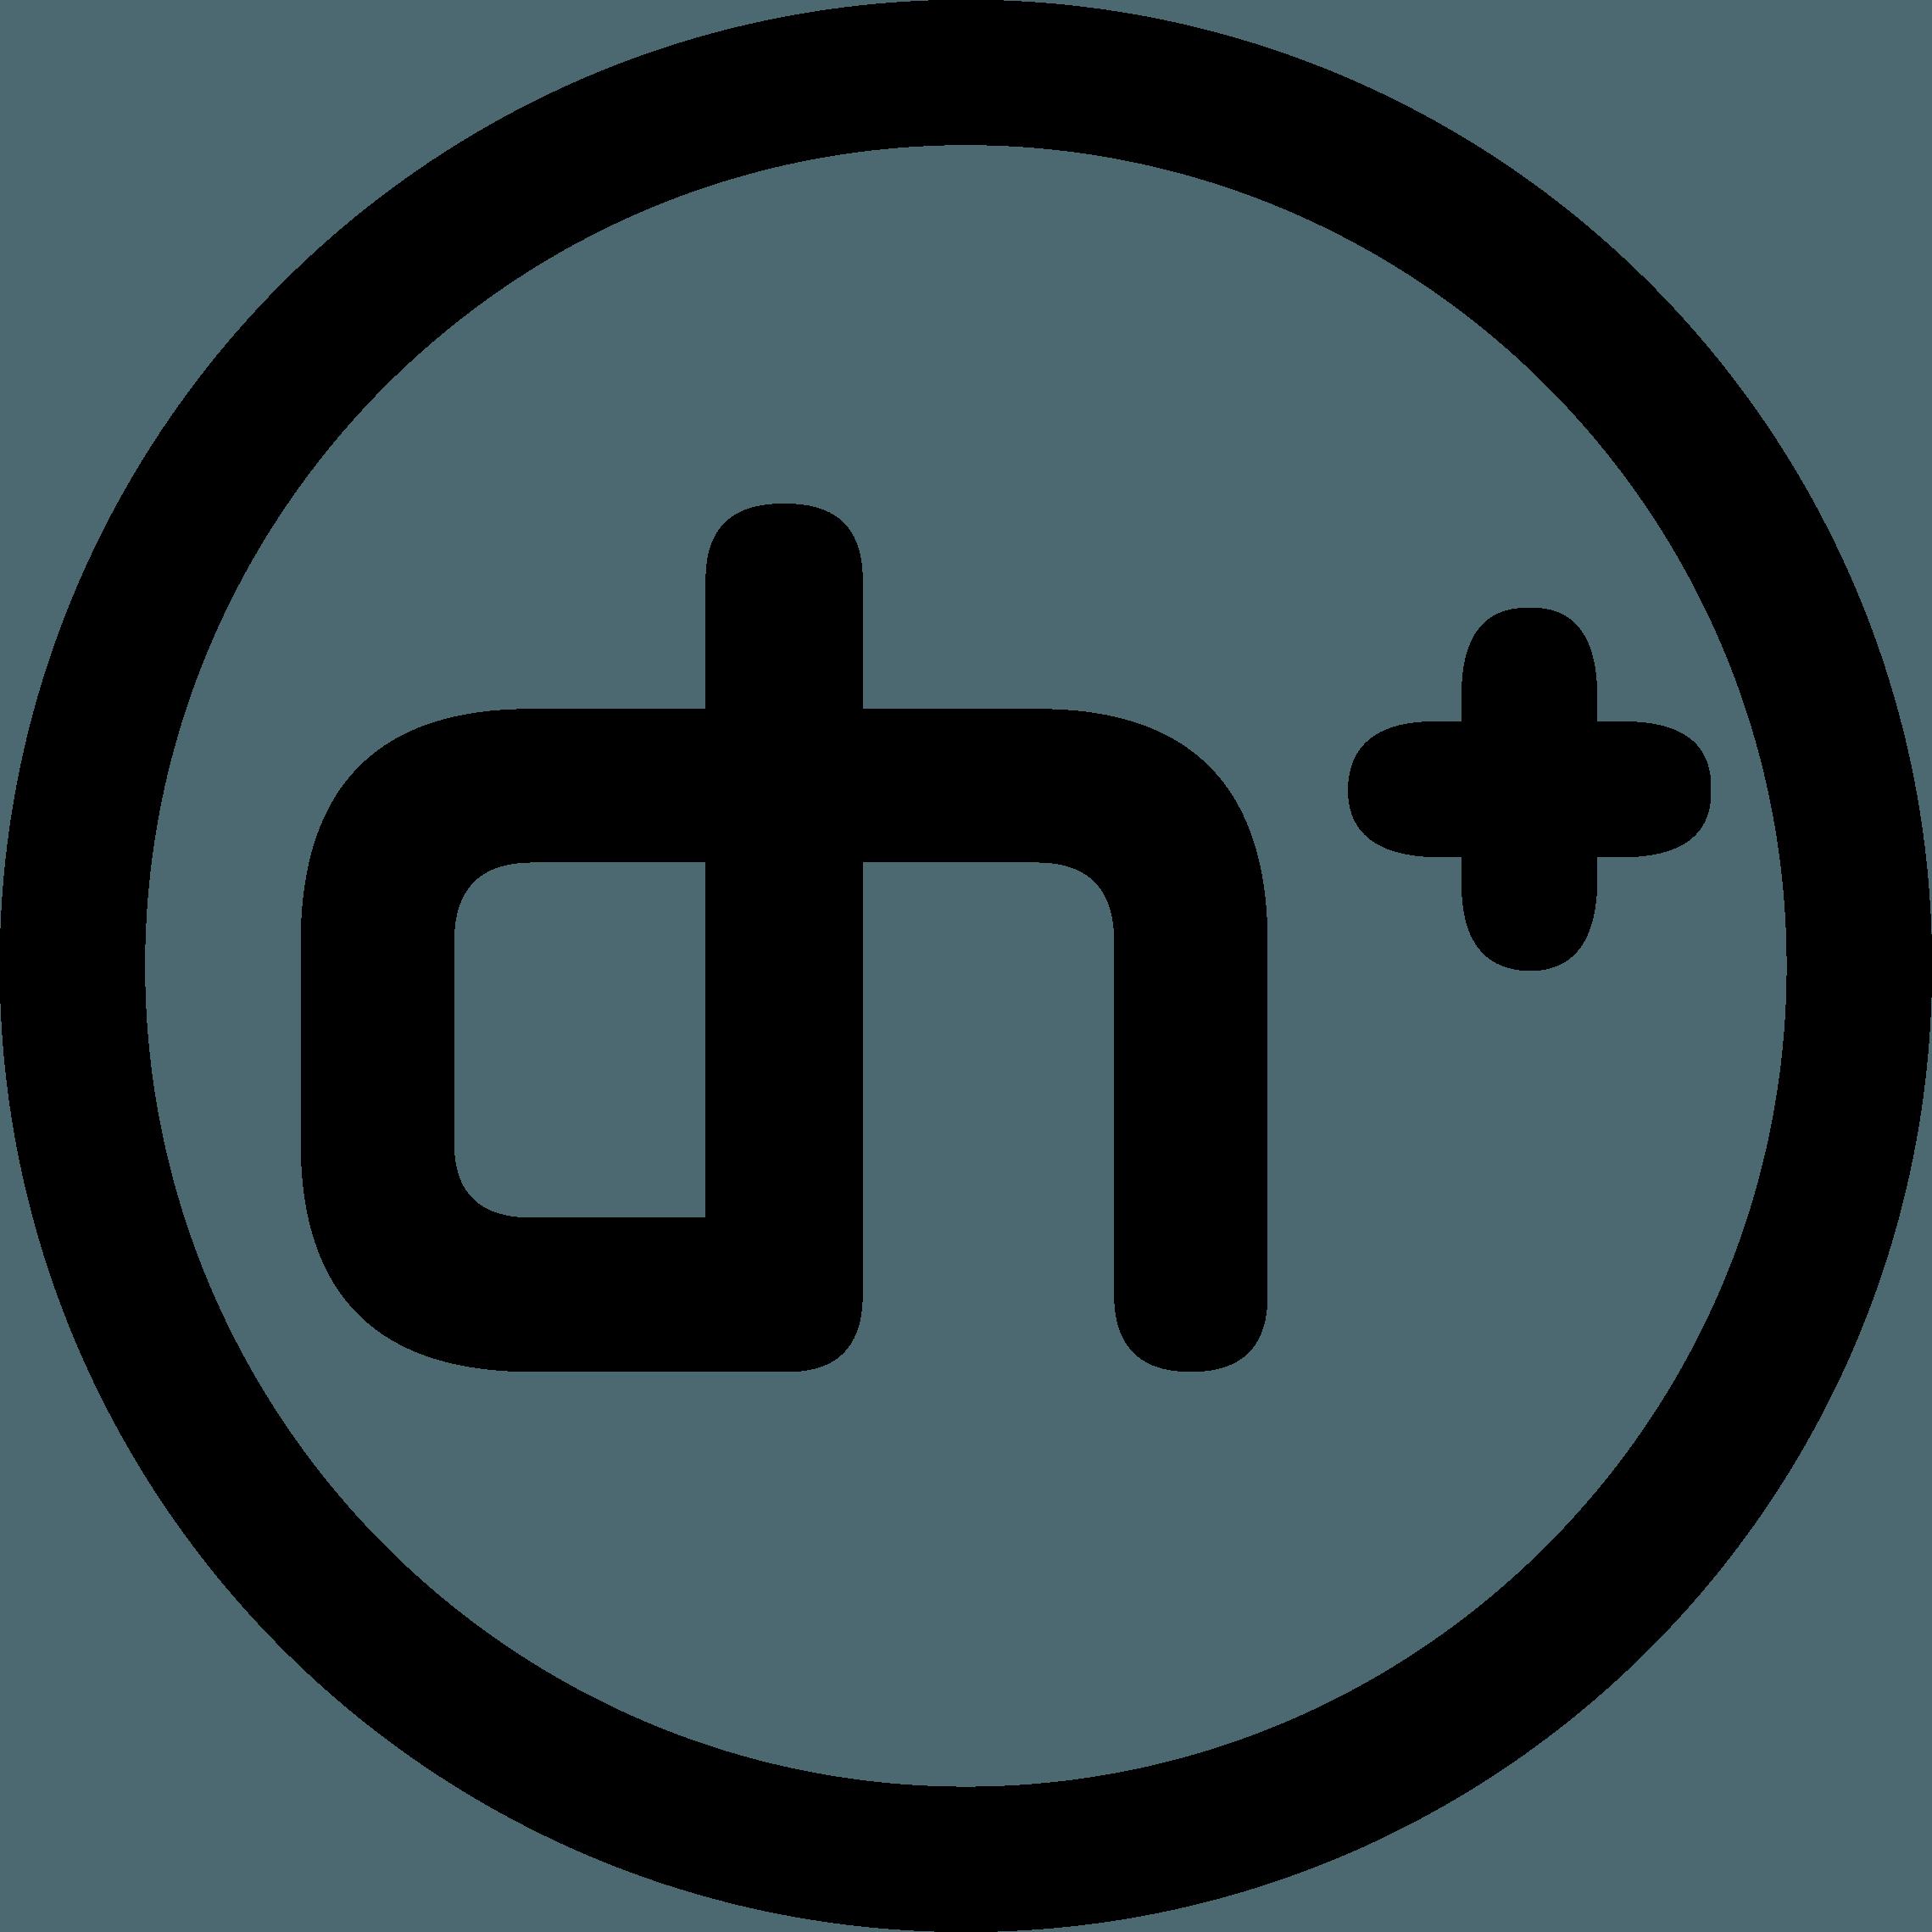 dh+ Atelier für Medien Design & Neue Kommunikation